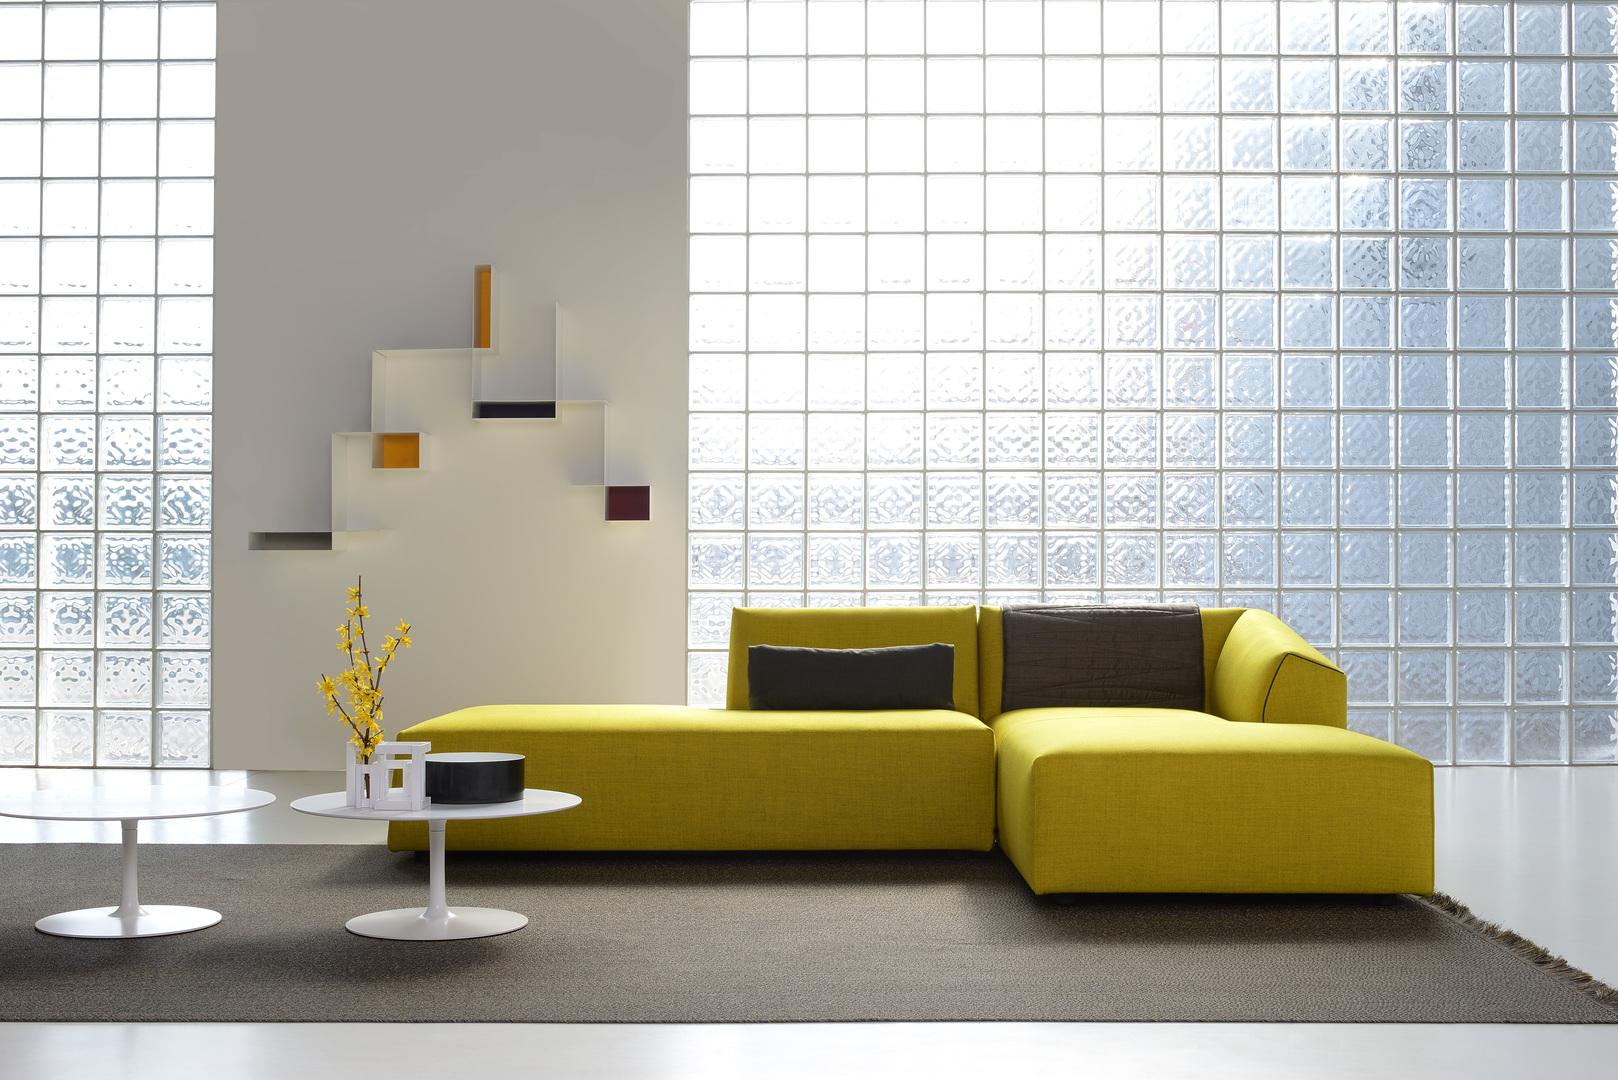 Thea_yellow_07.jpg